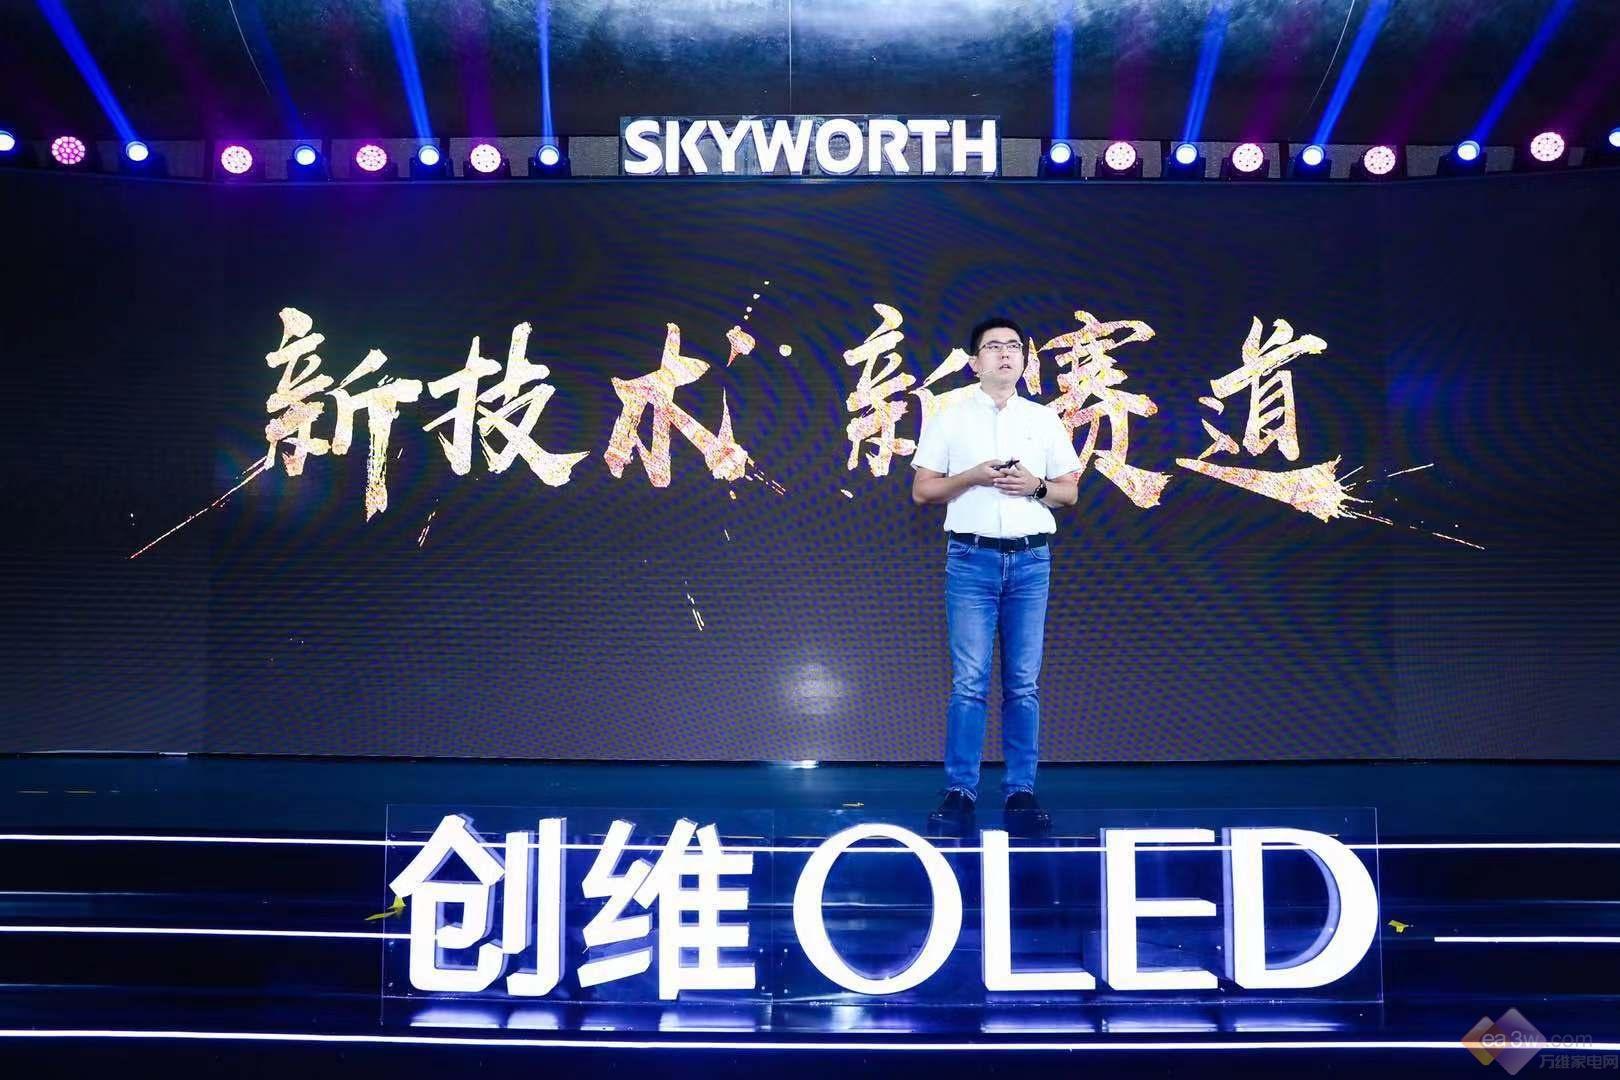 人人都买得起OLED!创维OLED普及风暴,营销策略大解读